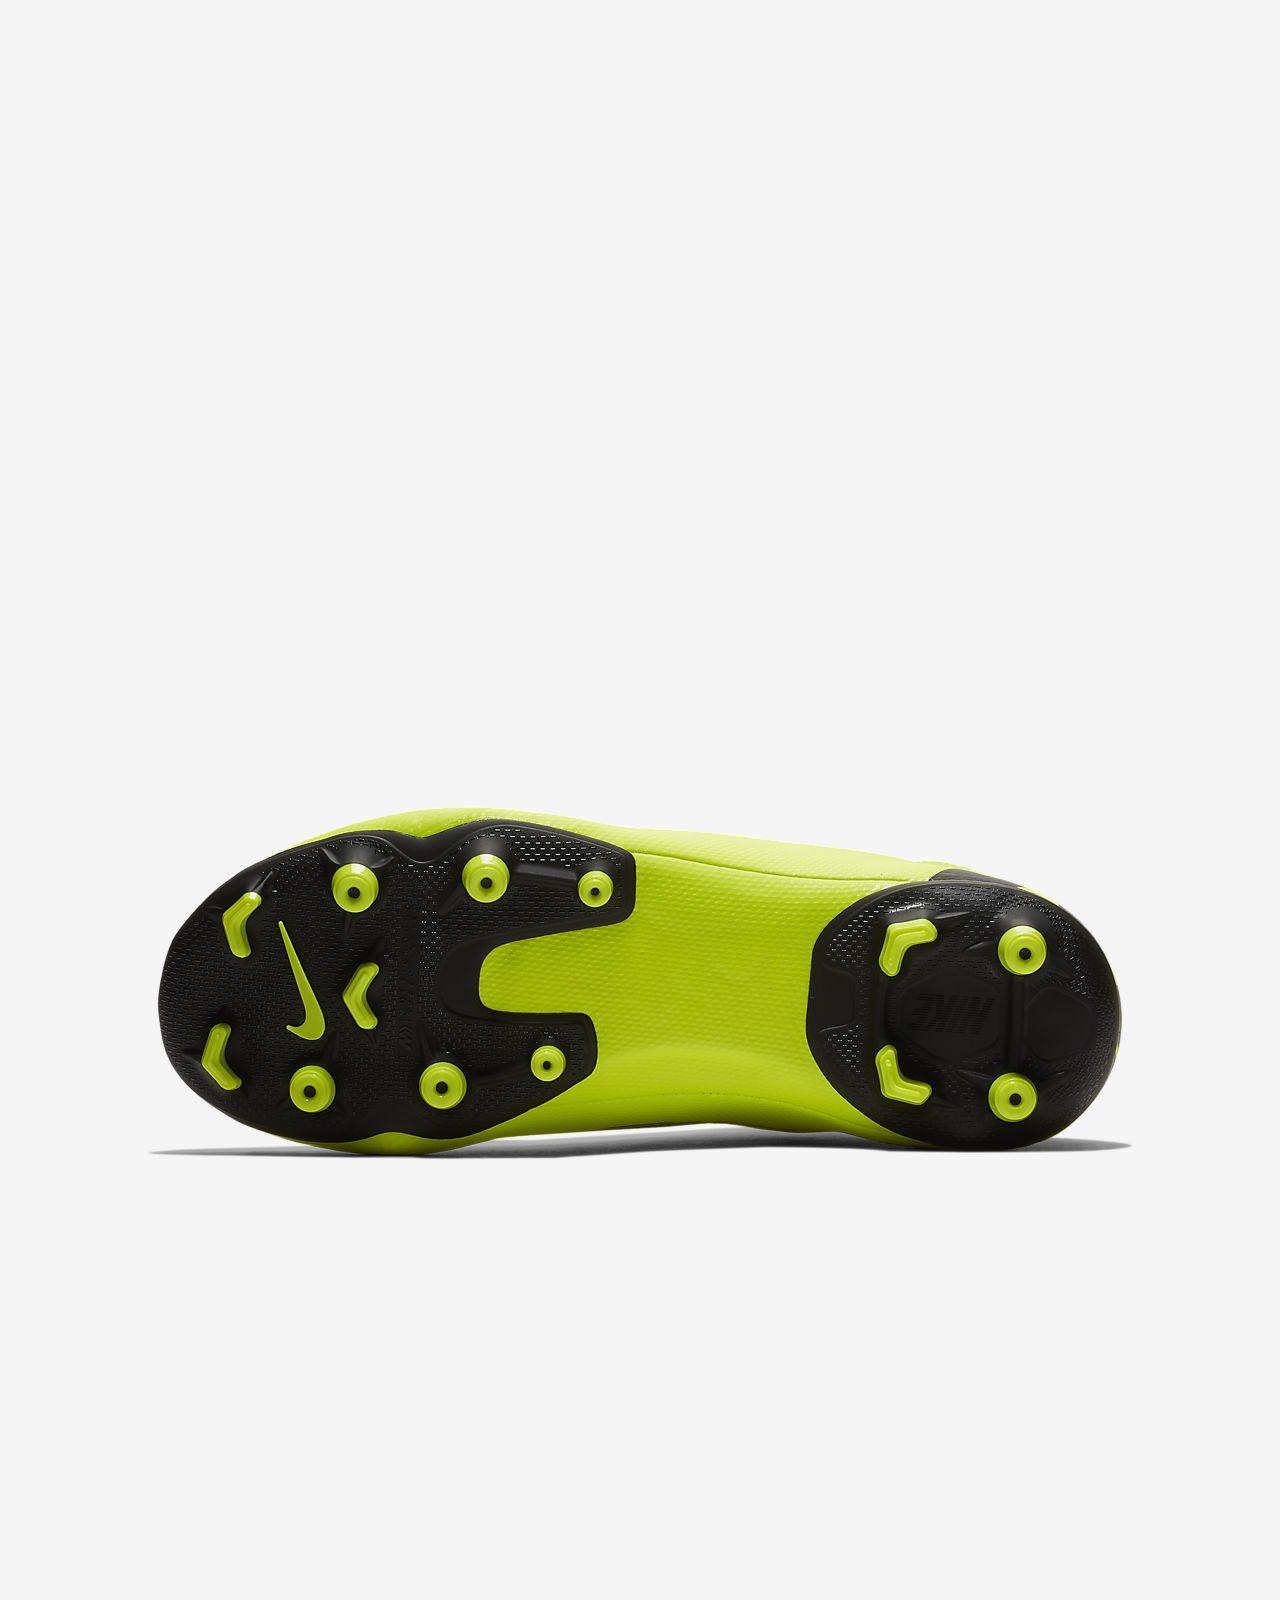 outlet store 1fd32 ce7e9 ... Fotbollssko för varierat underlag Nike Jr. Superfly 6 Academy MG för  barn ungdom